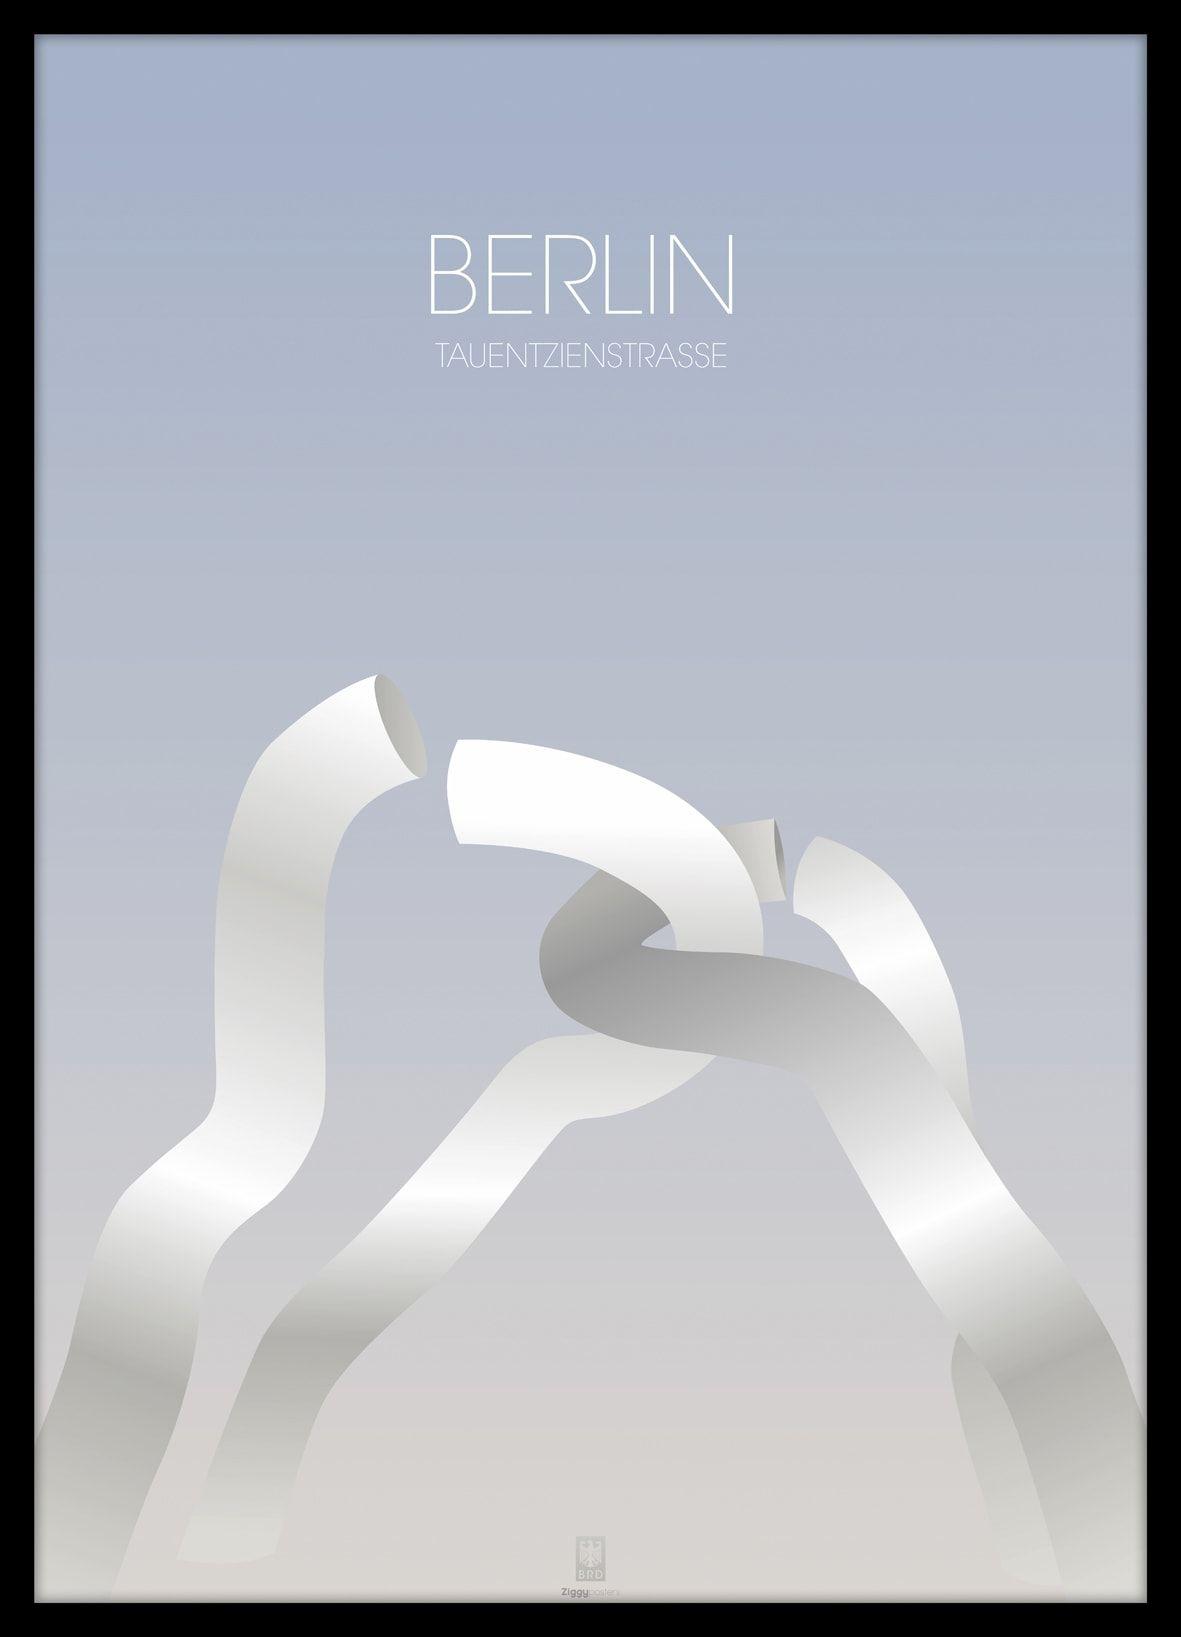 Premium Poster in Graphic Art Stil, in hochwertigen Holz gerahmt und ...